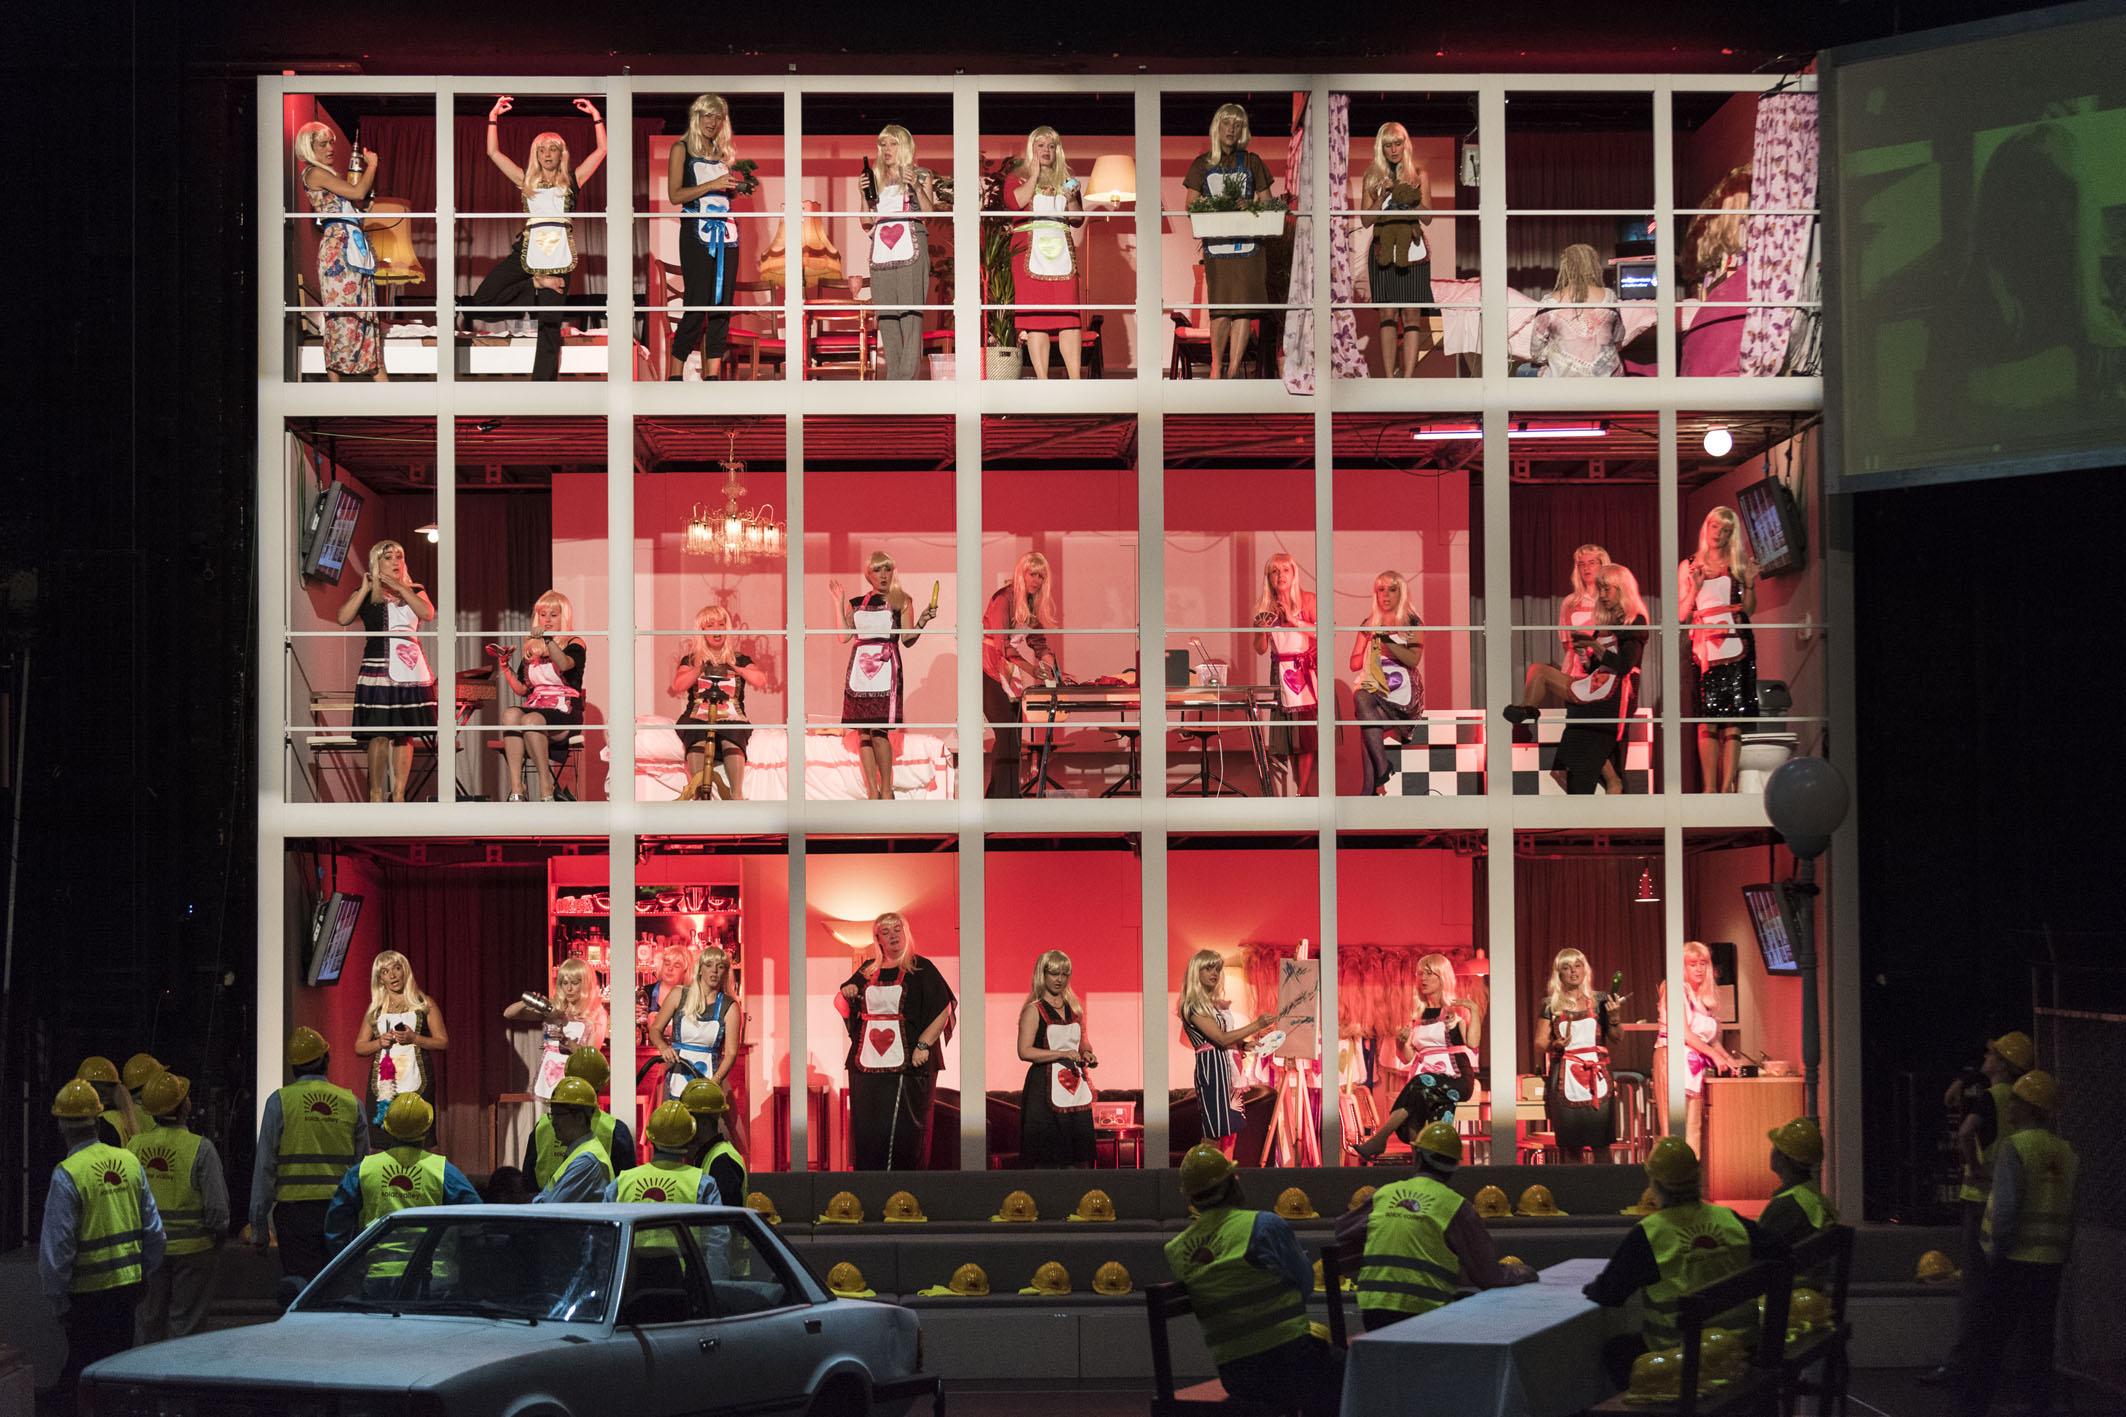 """Auf der Hinterseite der Raumbühne stapelt sich der Damenchor, darunter vermischt sich der Herrenchor mit dem Publikum, """"Der fliegende Holländer"""" von Richard Wagner an der Oper Halle, Foto: Falk Wenzel"""